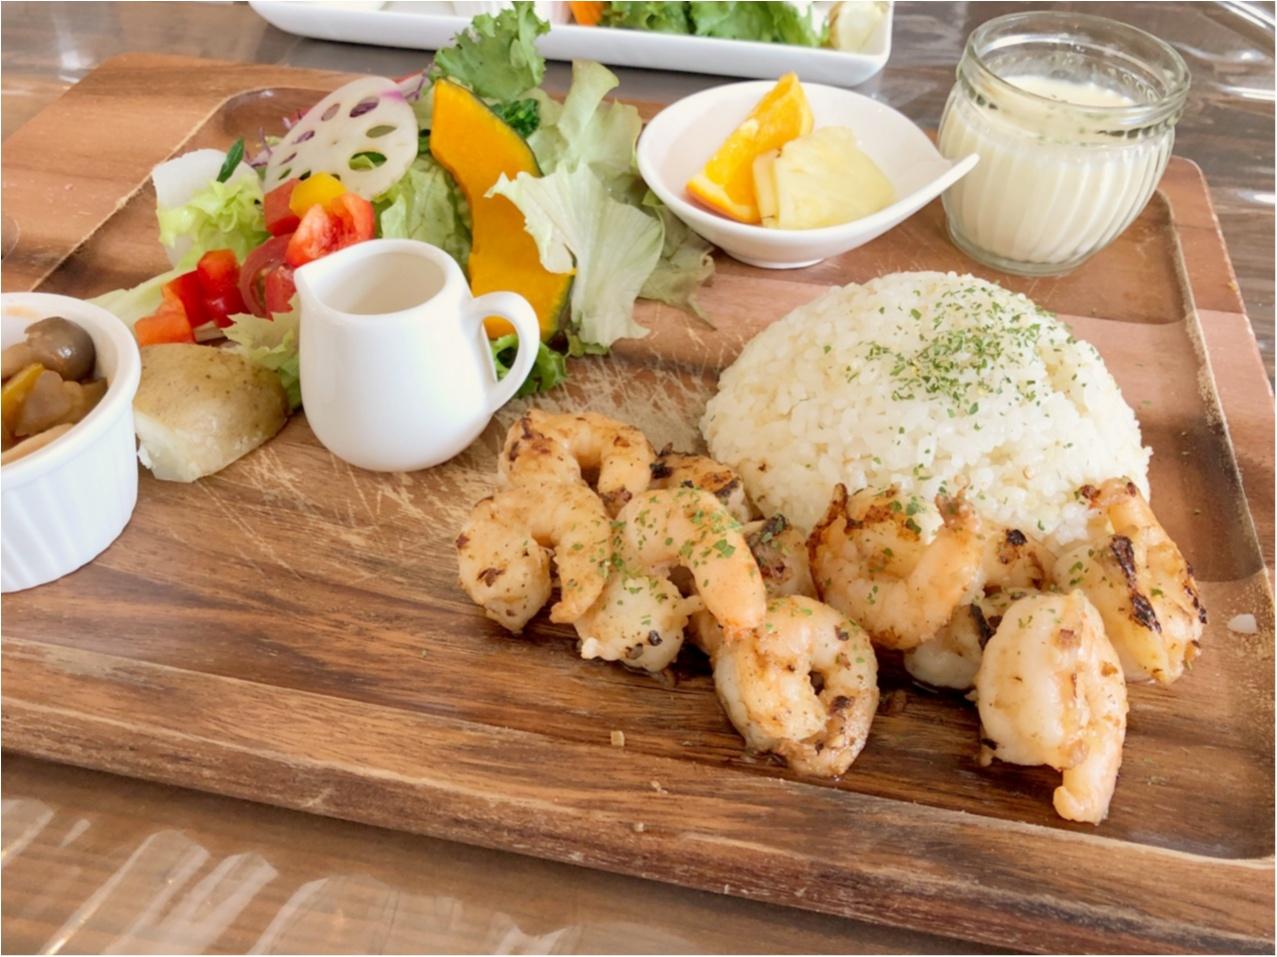 女子に嬉しい♡ 《 nijiiro喫茶 》の野菜たっぷり美味しいヘルシーランチ ♡♡_5